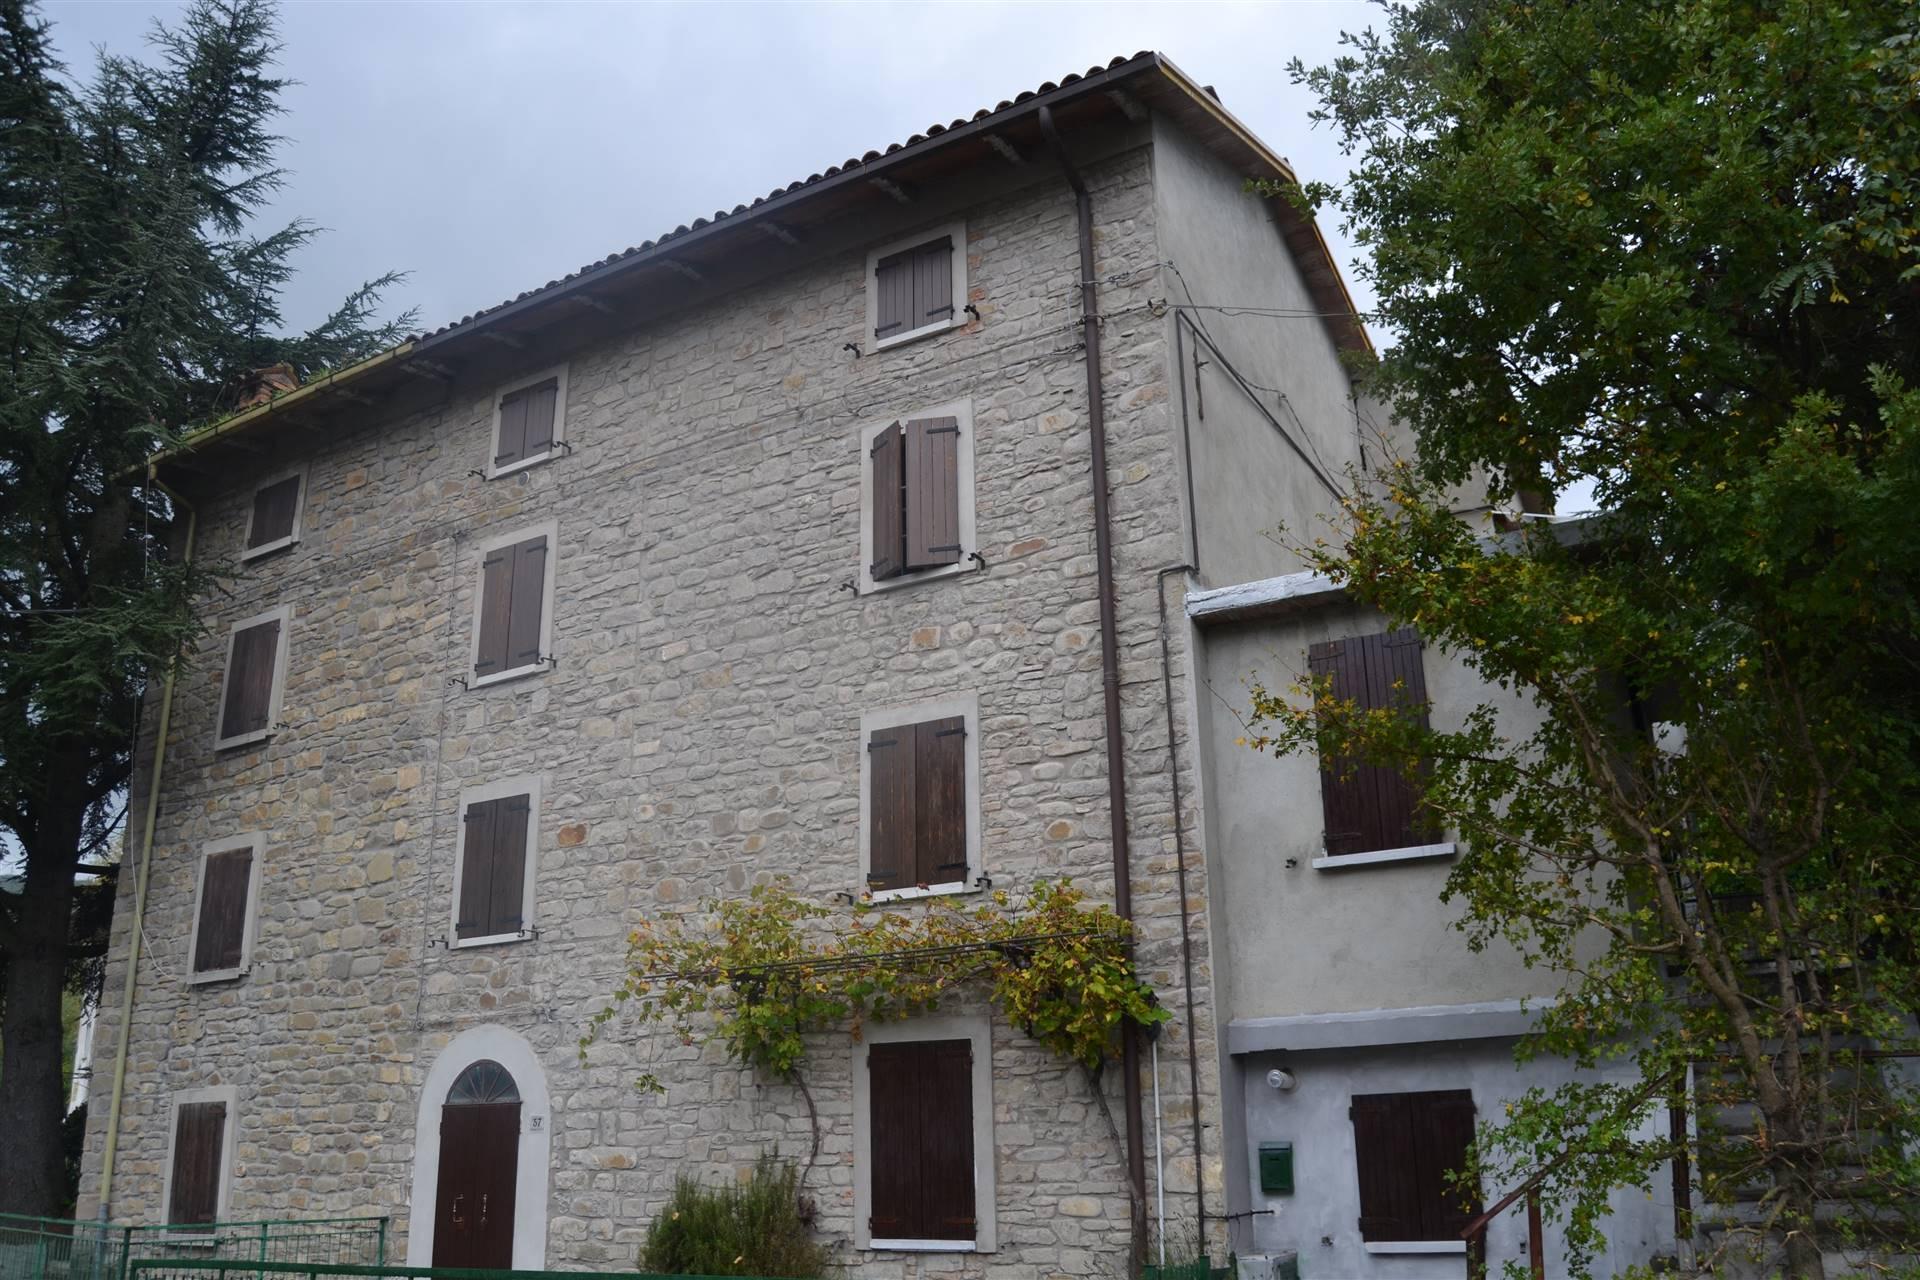 Attico / Mansarda in vendita a Grizzana Morandi, 1 locali, zona Località: CÁ DI LAGARO, prezzo € 70.000 | CambioCasa.it